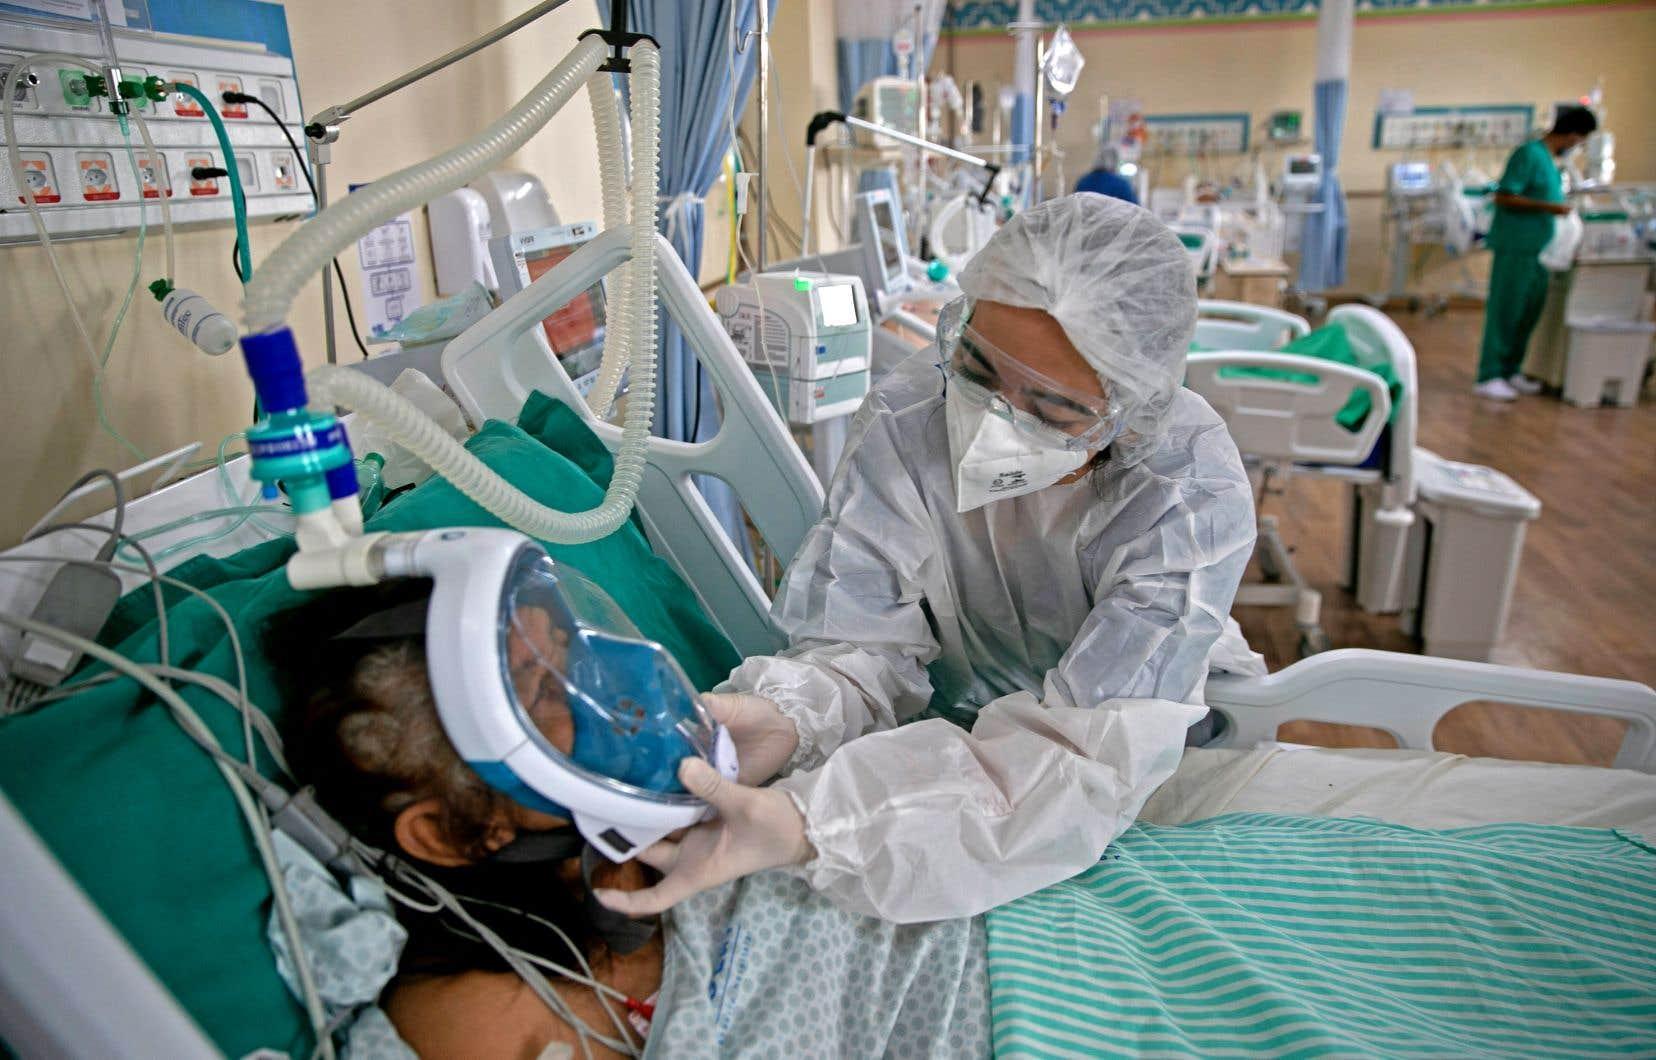 Le Brésil est confronté à une nouvelle vague de pandémie de COVID-19 hors de contrôle avec une envolée depuis février des contaminations et des morts.